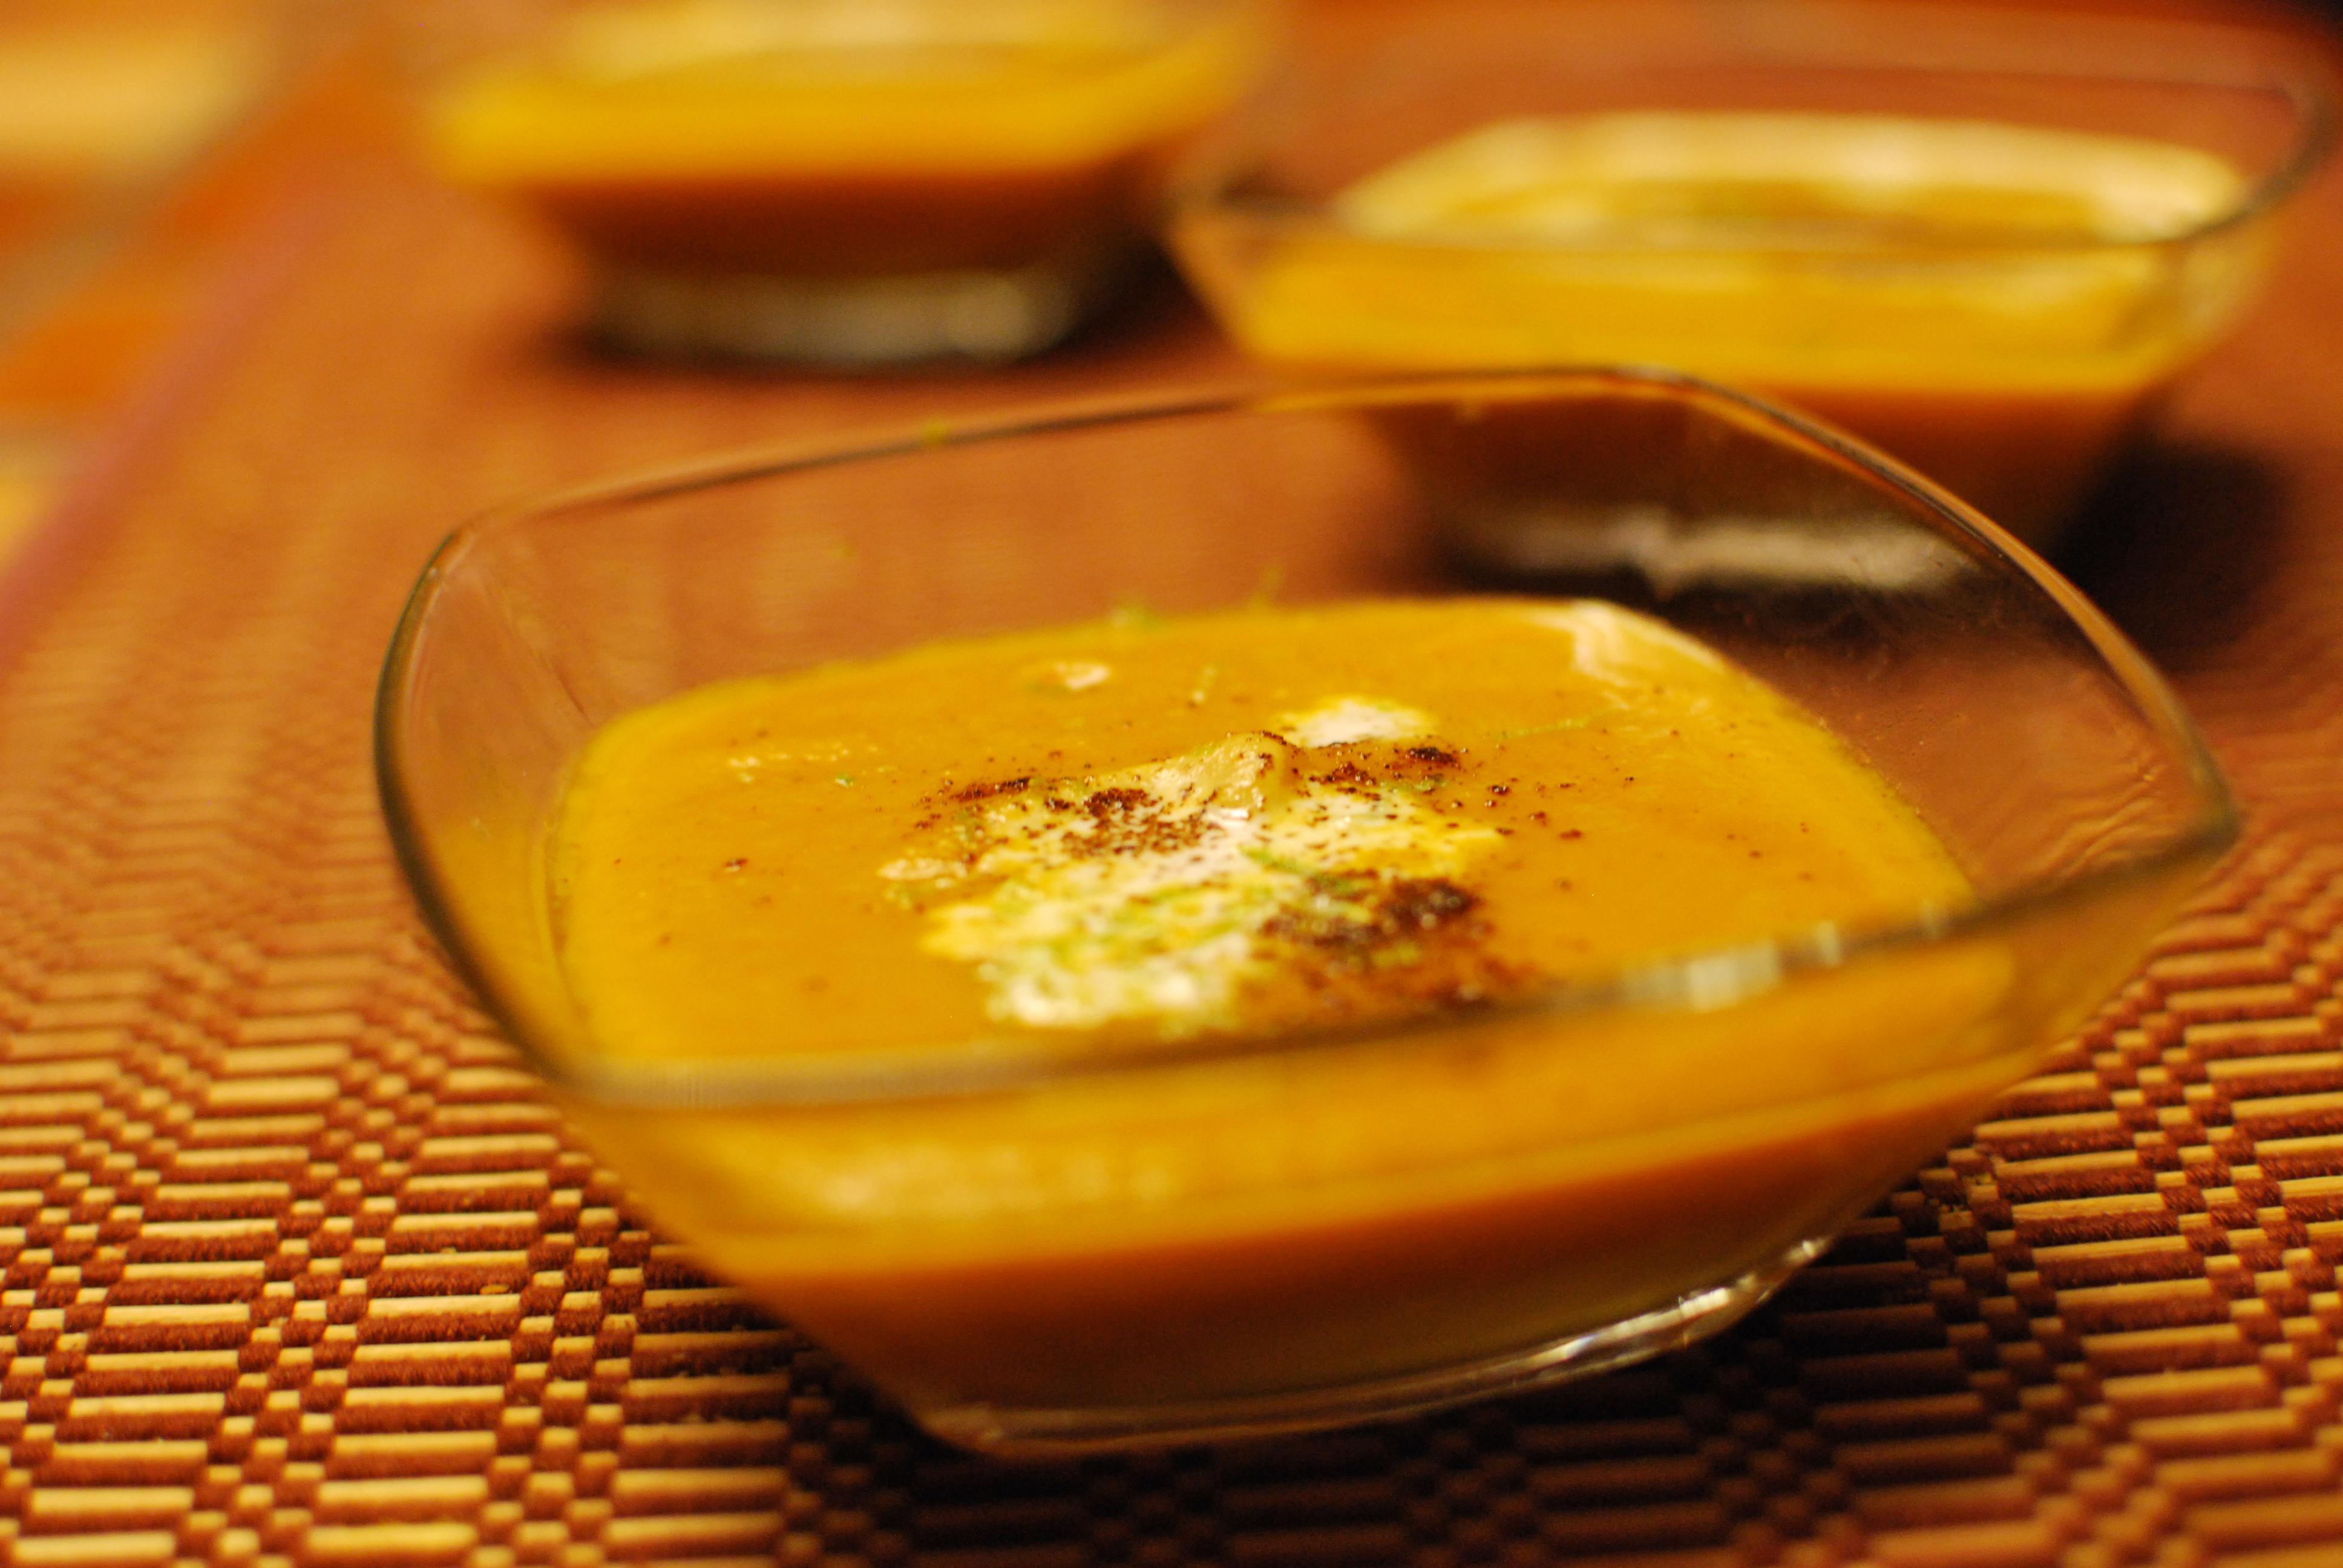 Vivek's Epicurean Adventures » Chipotle Butternut Squash Soup